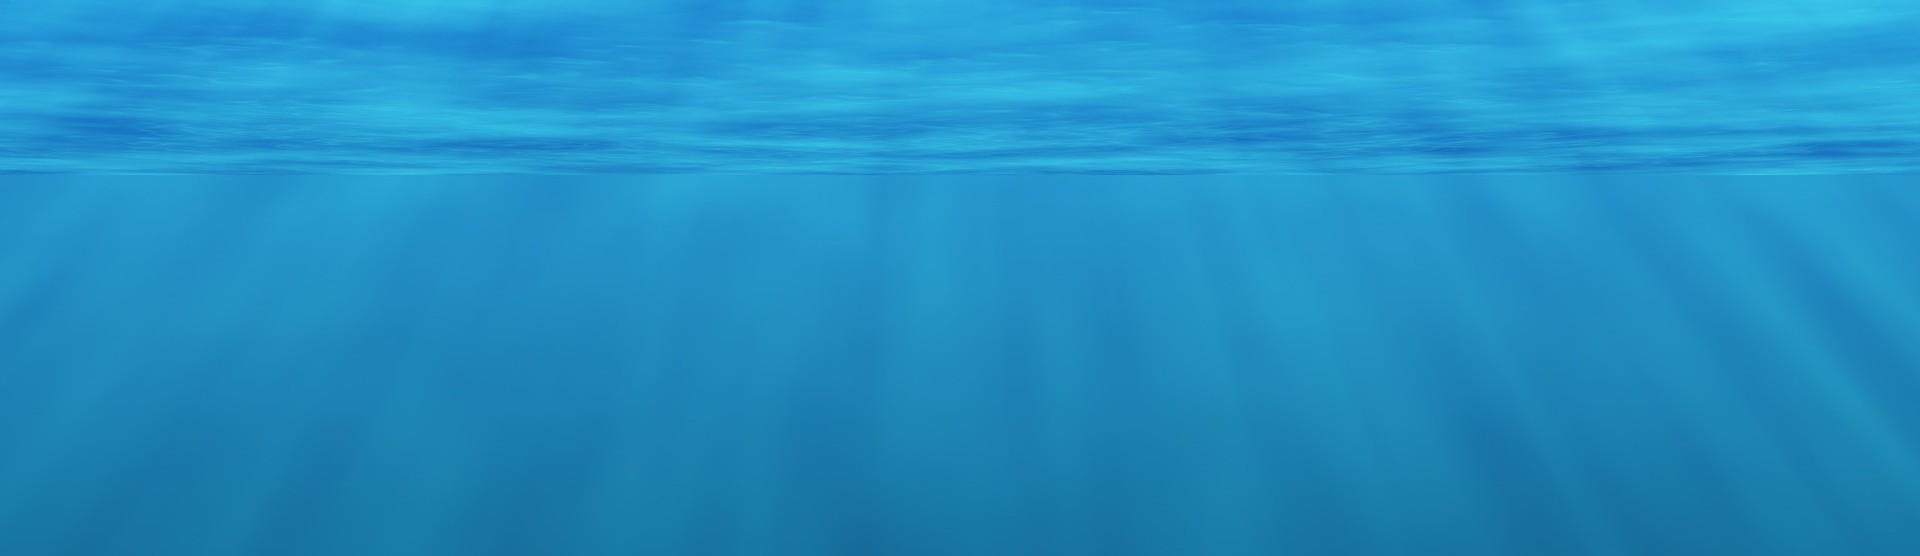 underwater-2615376_1920